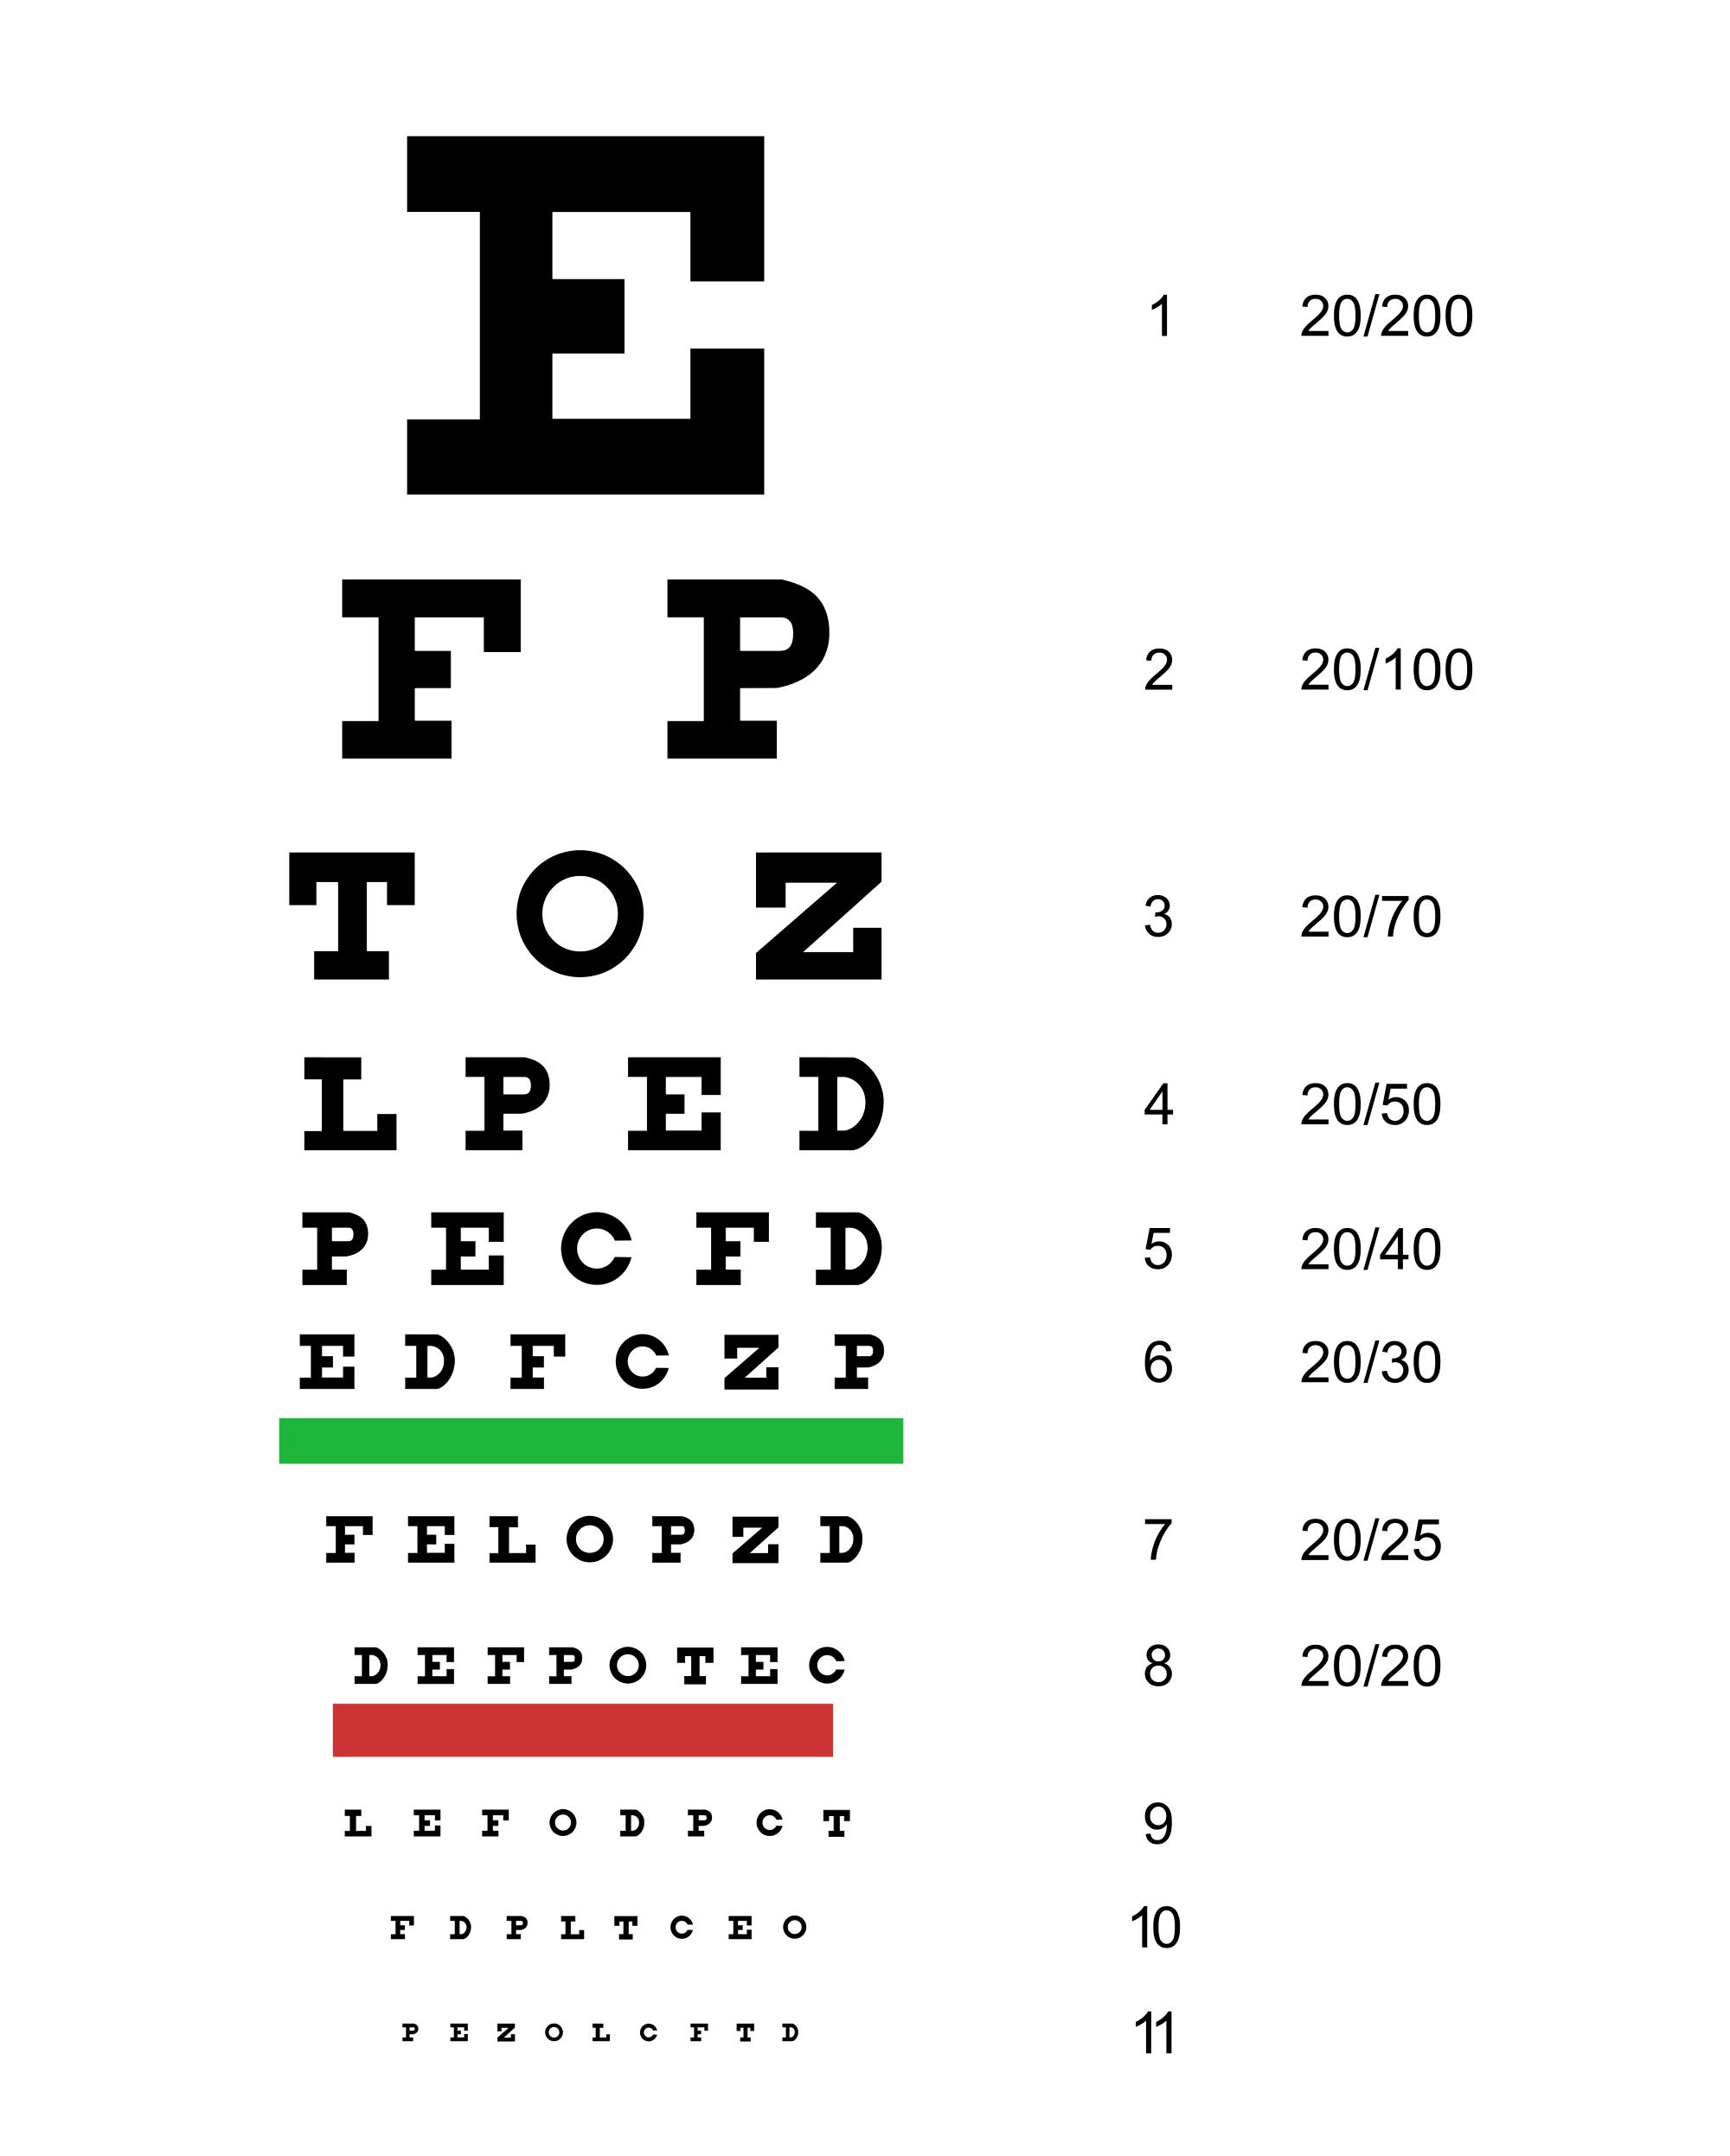 rehabilitáció látásbetegségekkel